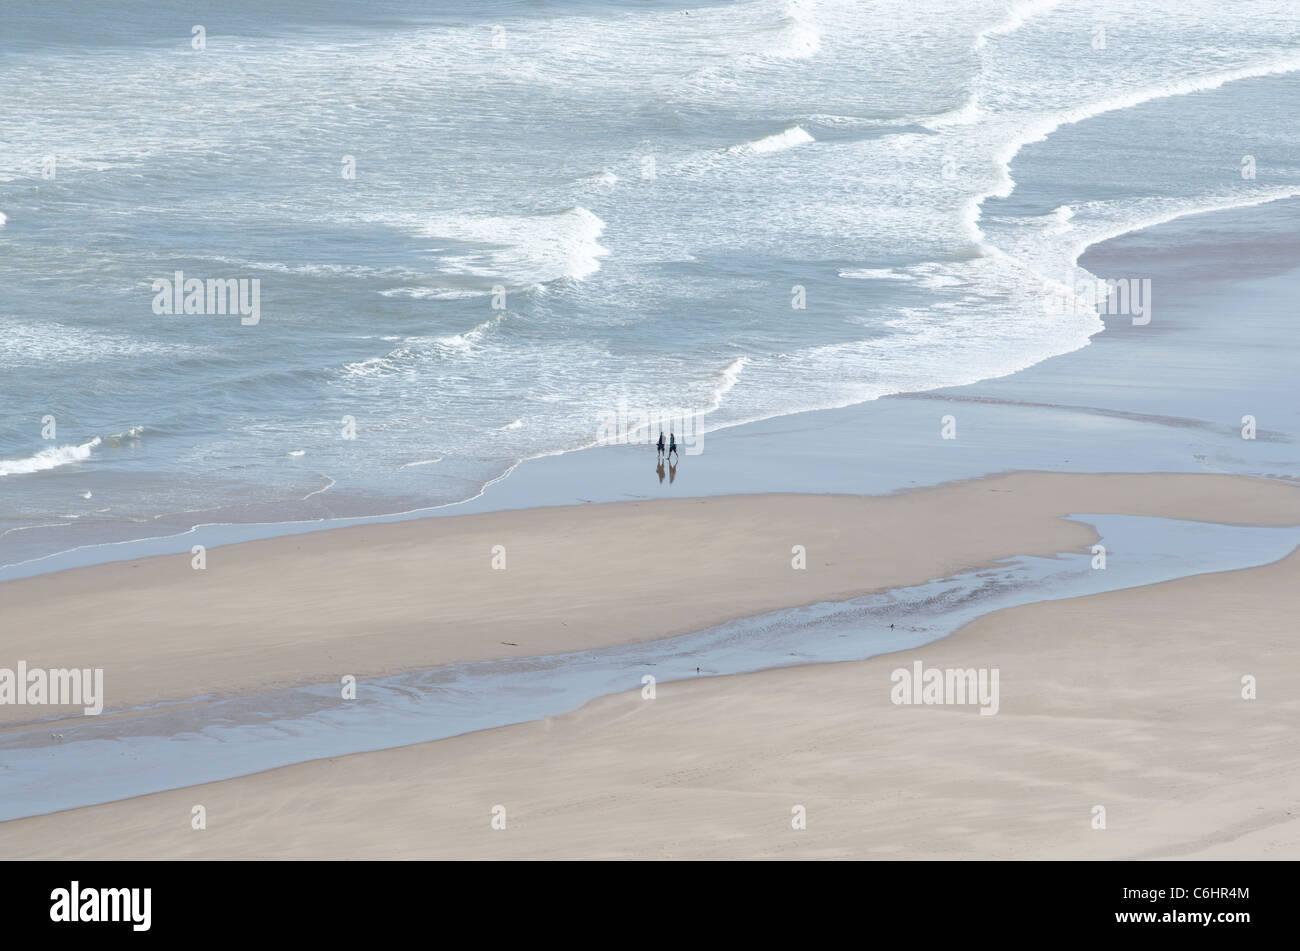 San Ciro Spiaggia Riserva Naturale Nazionale con modelli di surf e la gente a piedi - relax sulla sabbia 2 Foto Stock